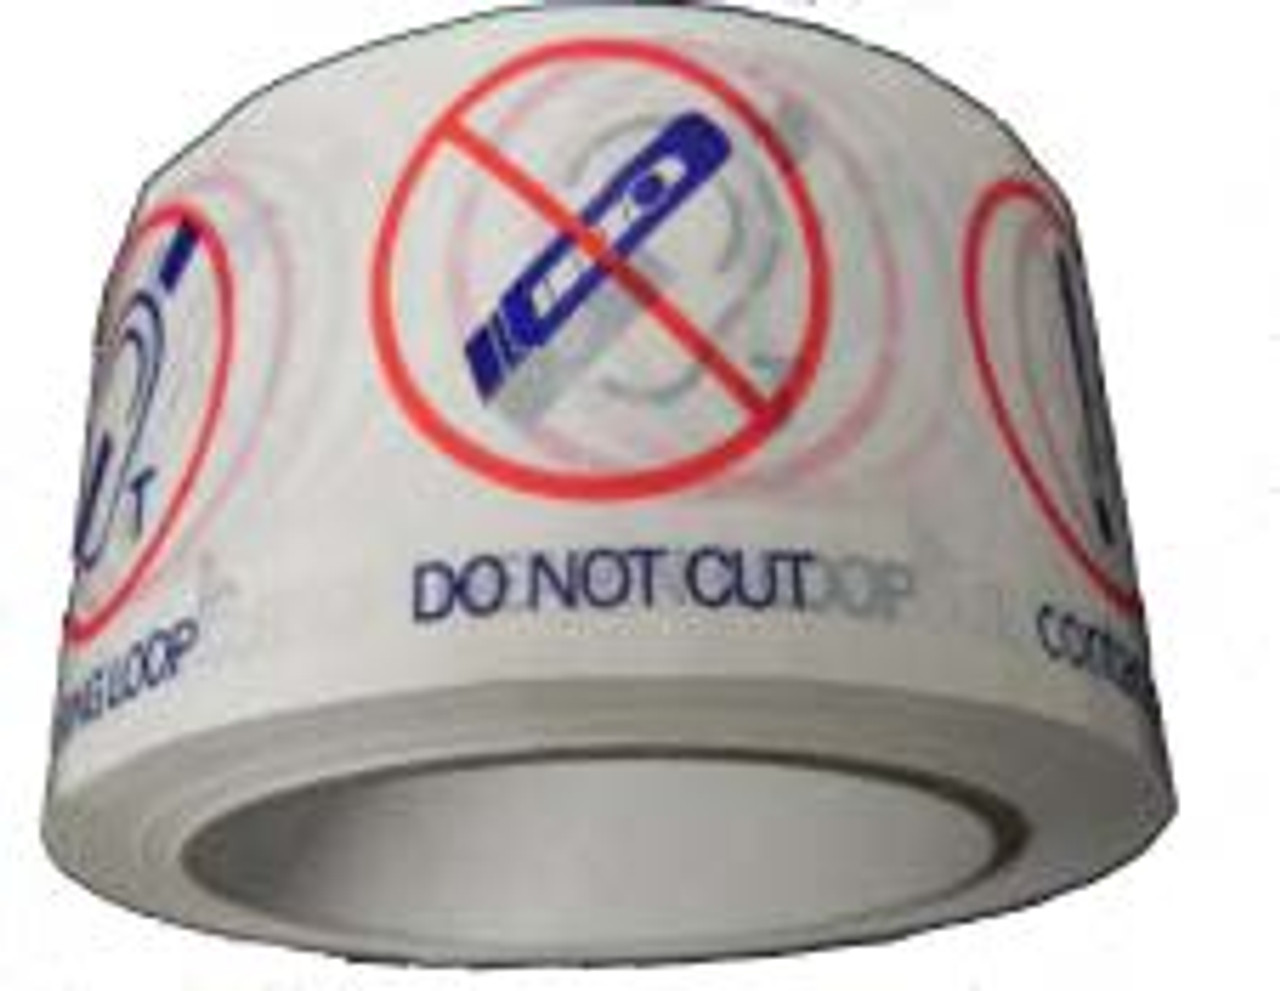 Contacta 48mm x 66m Roll PVC Warning Tape